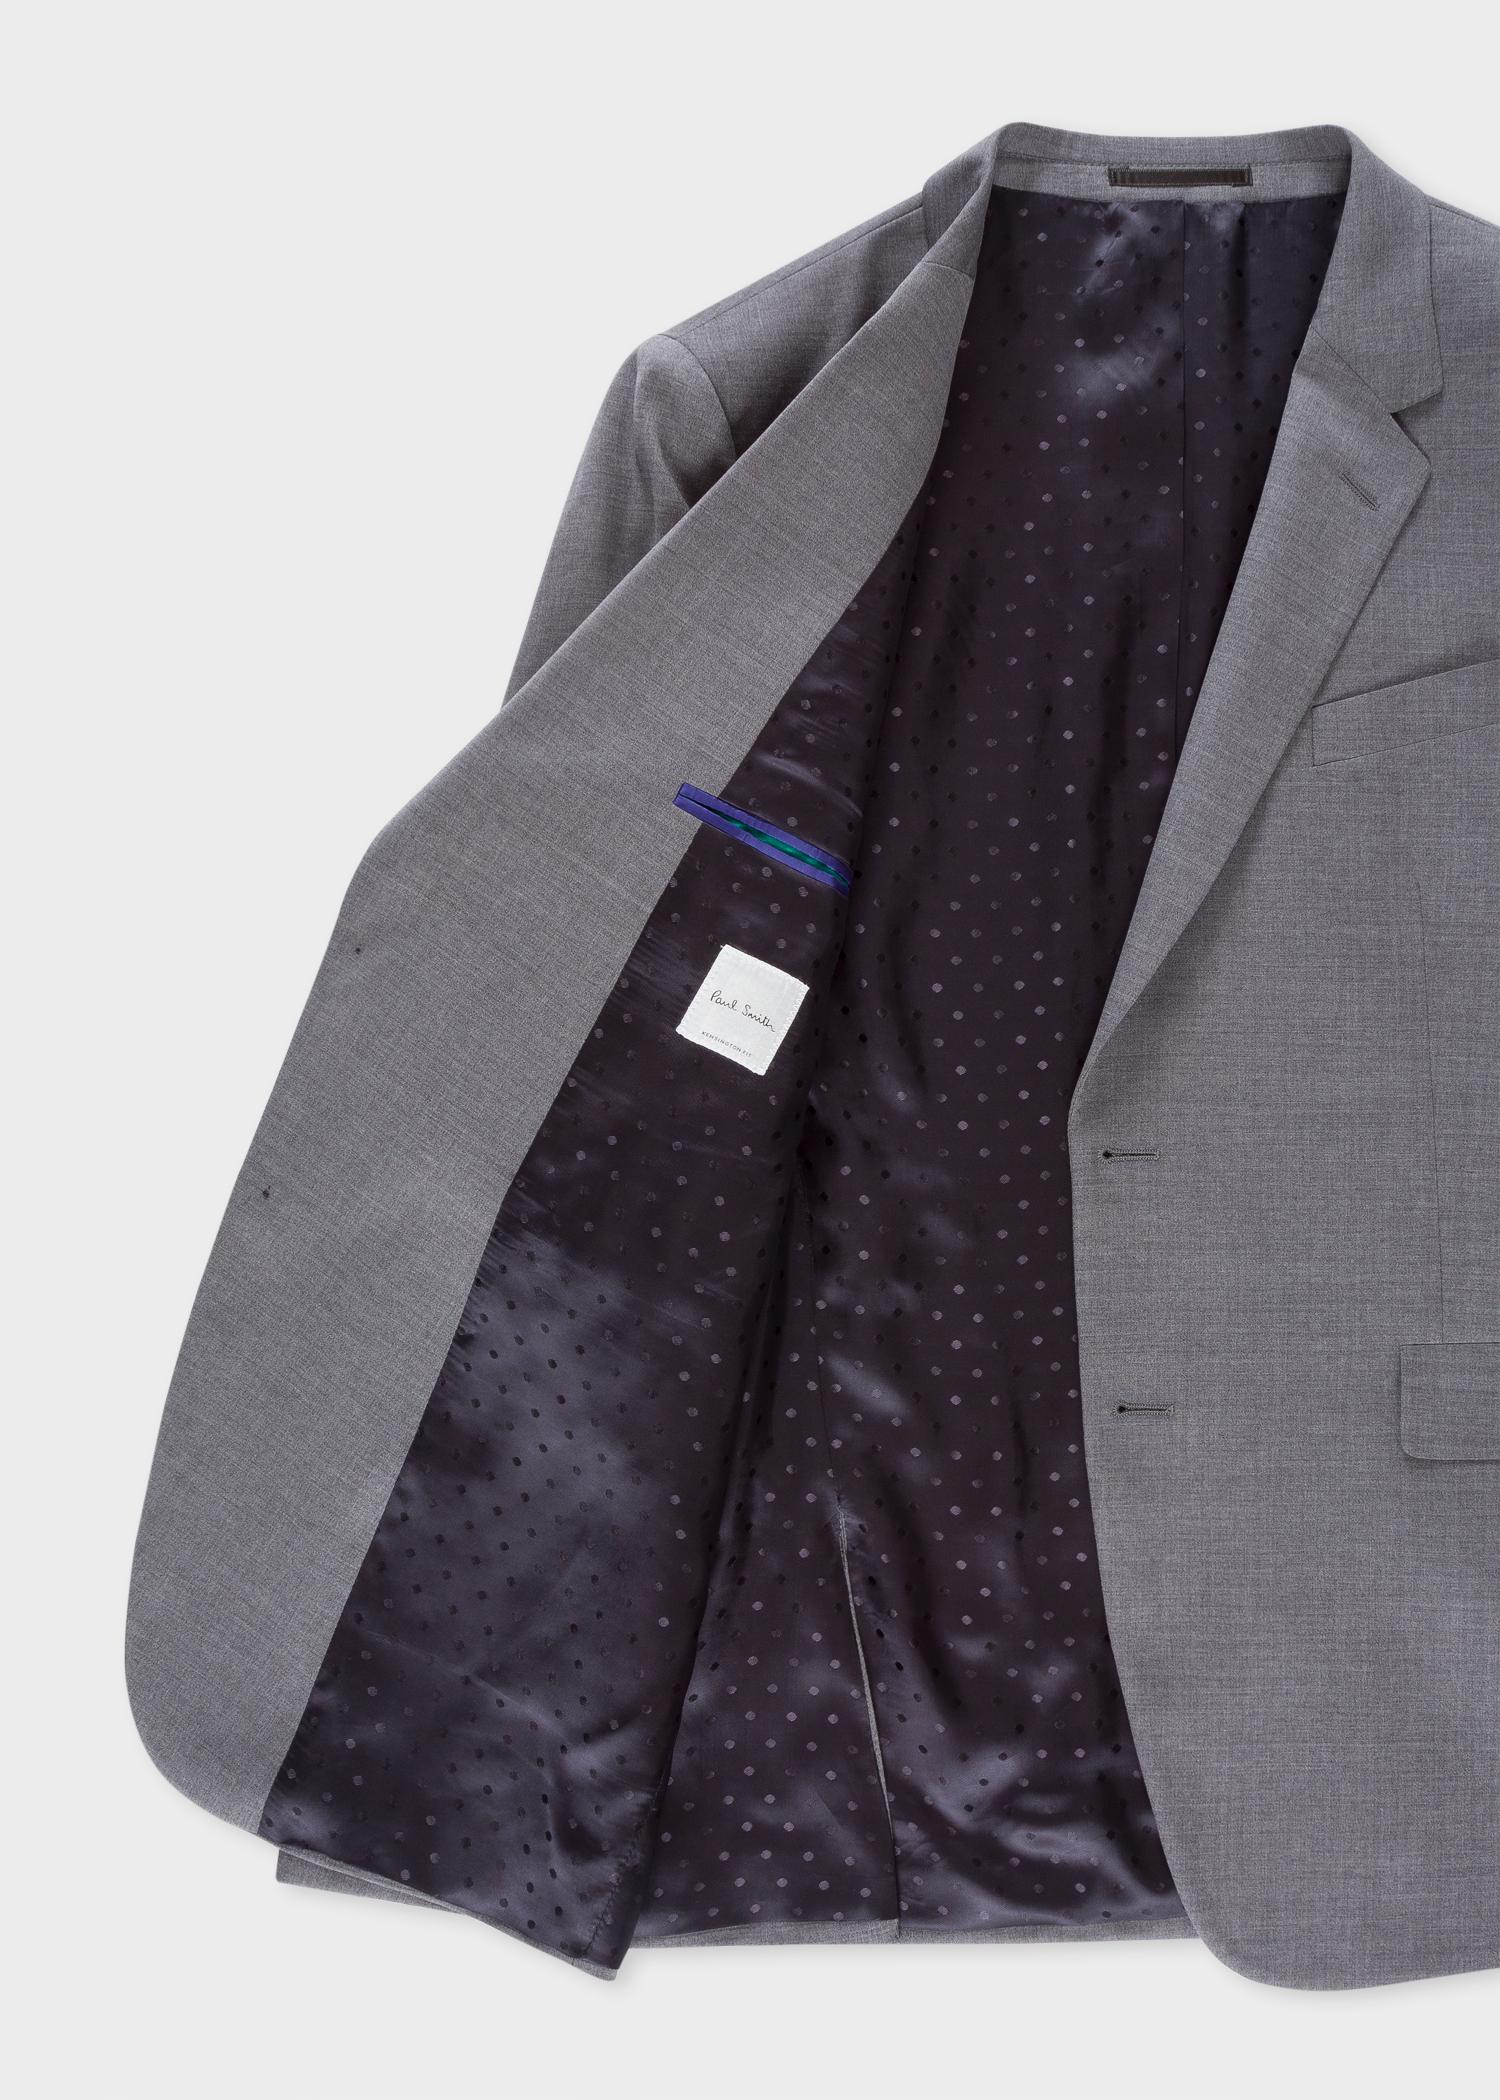 82addfd4240 Men's Slim-Fit Grey Wool Suit